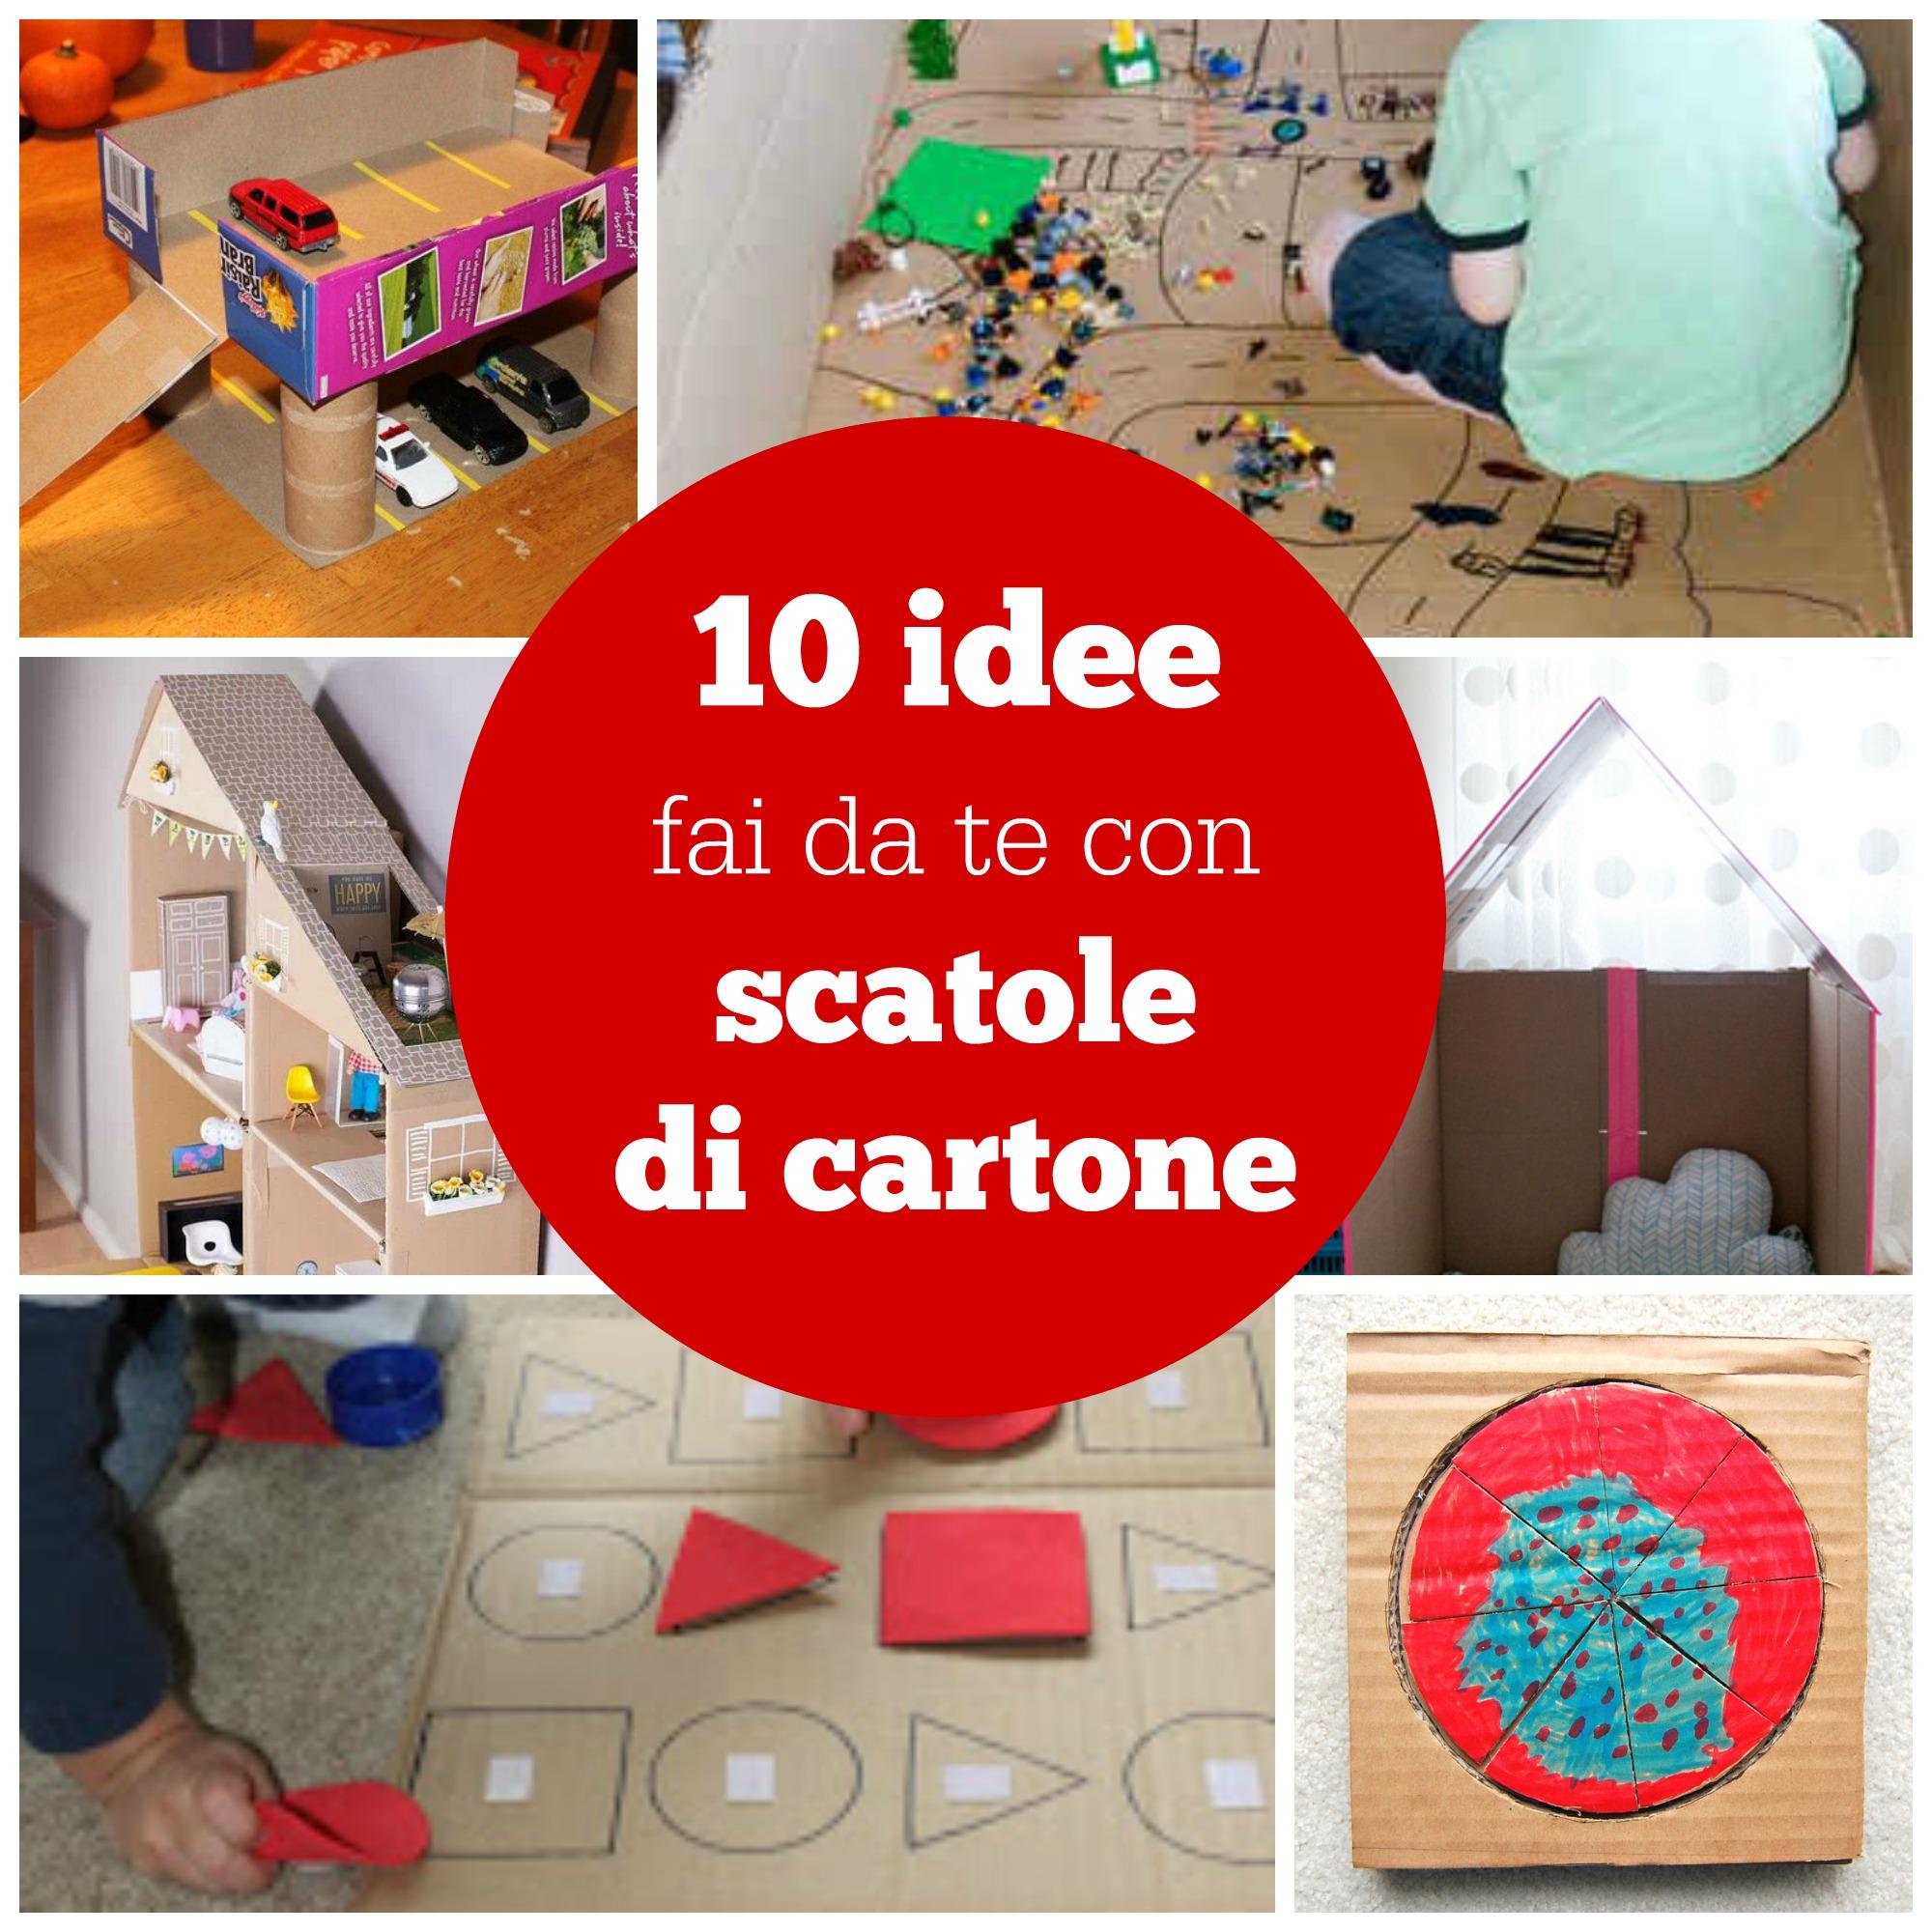 idee-fai-da-te-con-scatole-di-cartone_2000